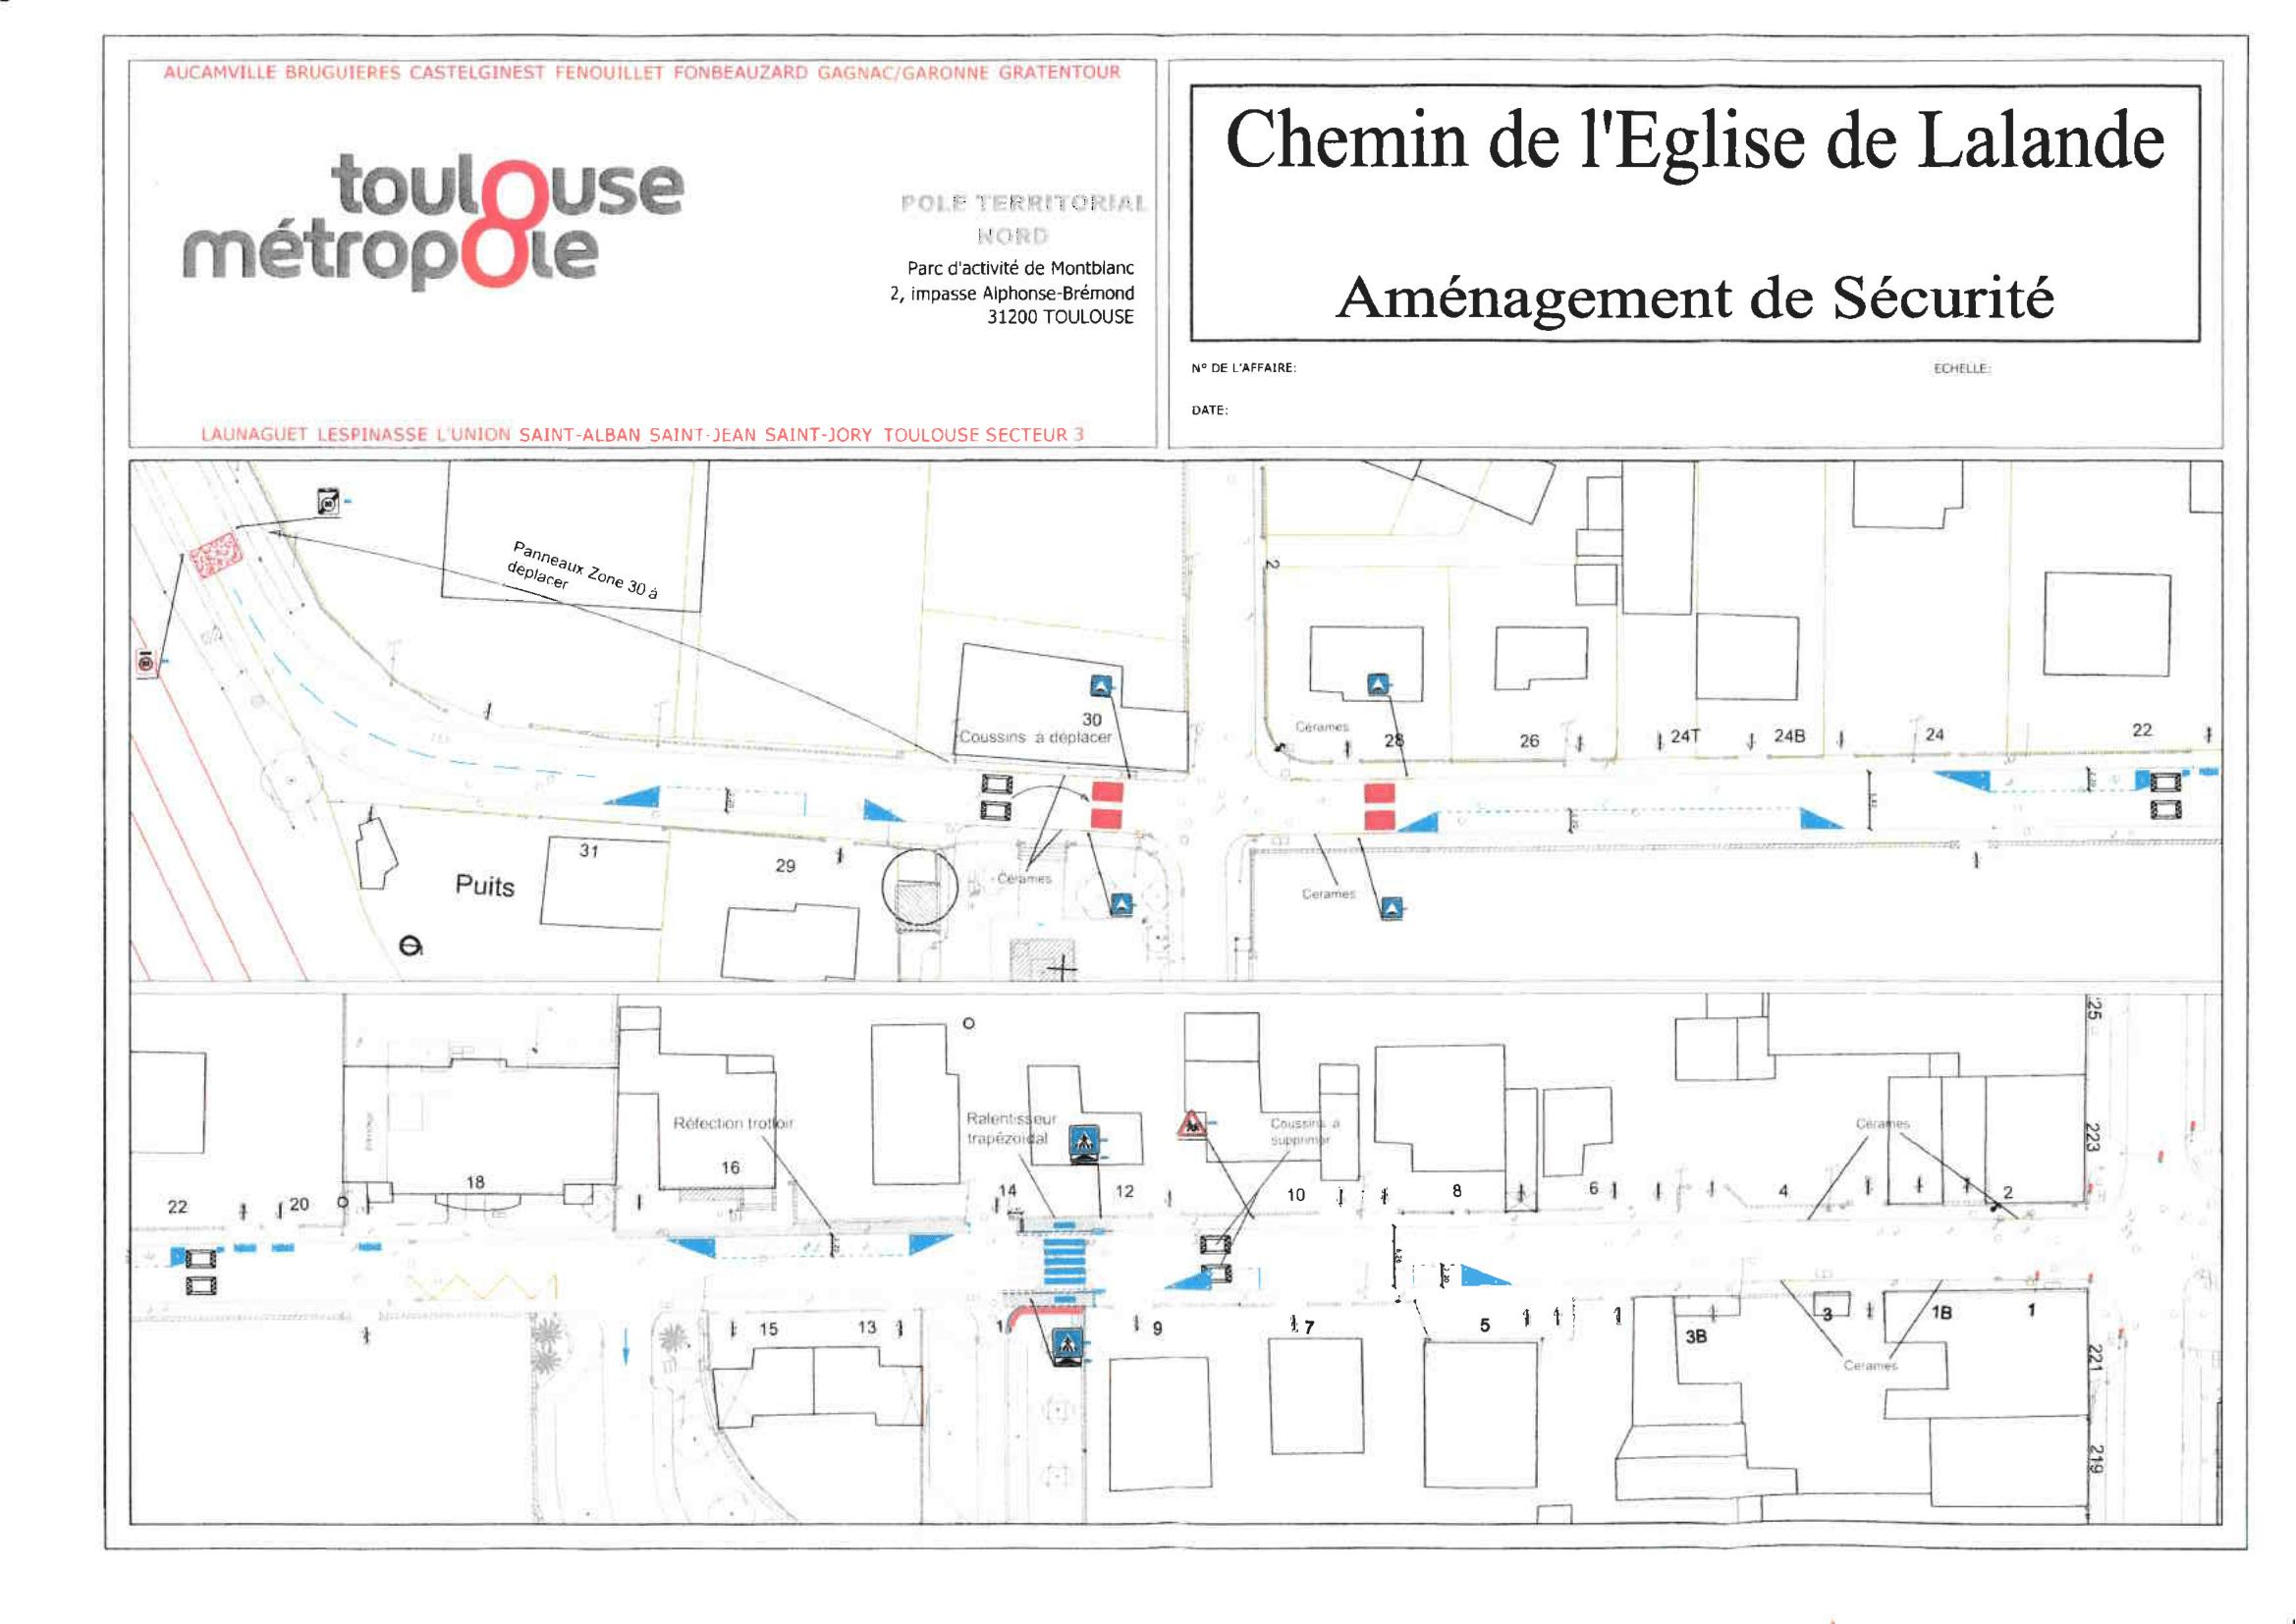 informations-riverains-chemin-de-leglise-de-lalande-2